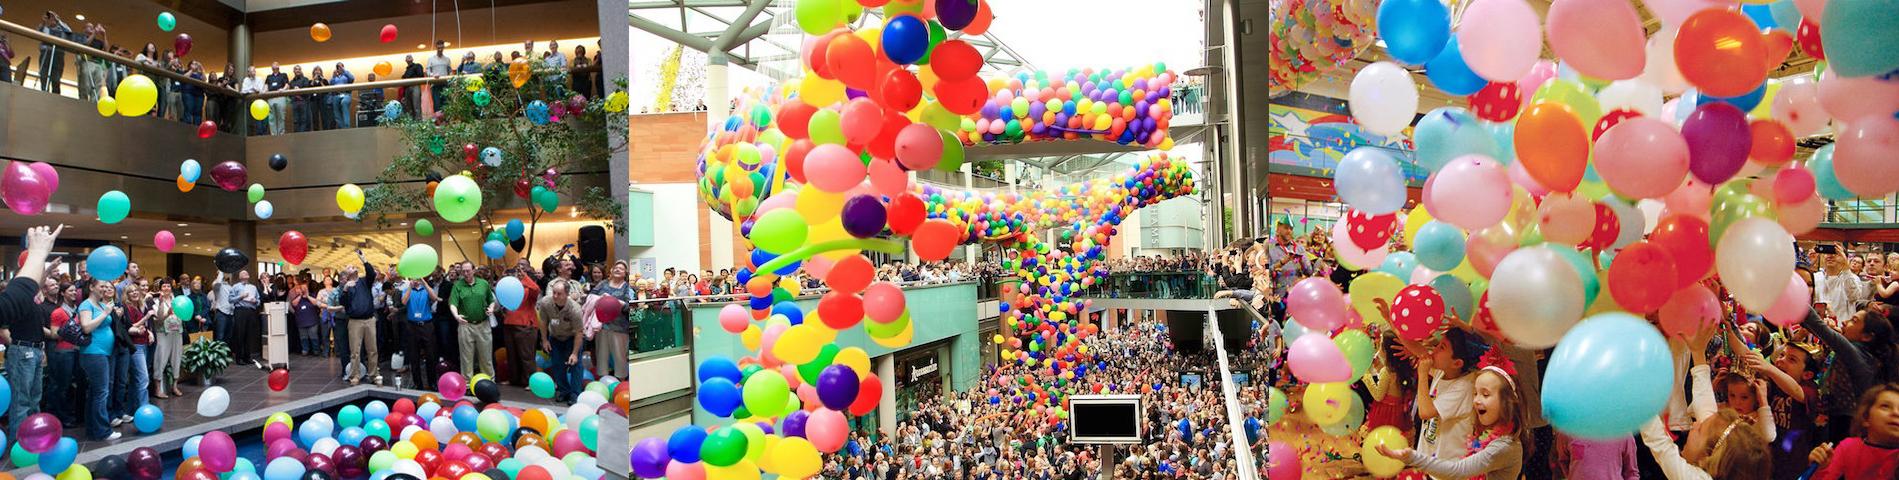 balon-drop